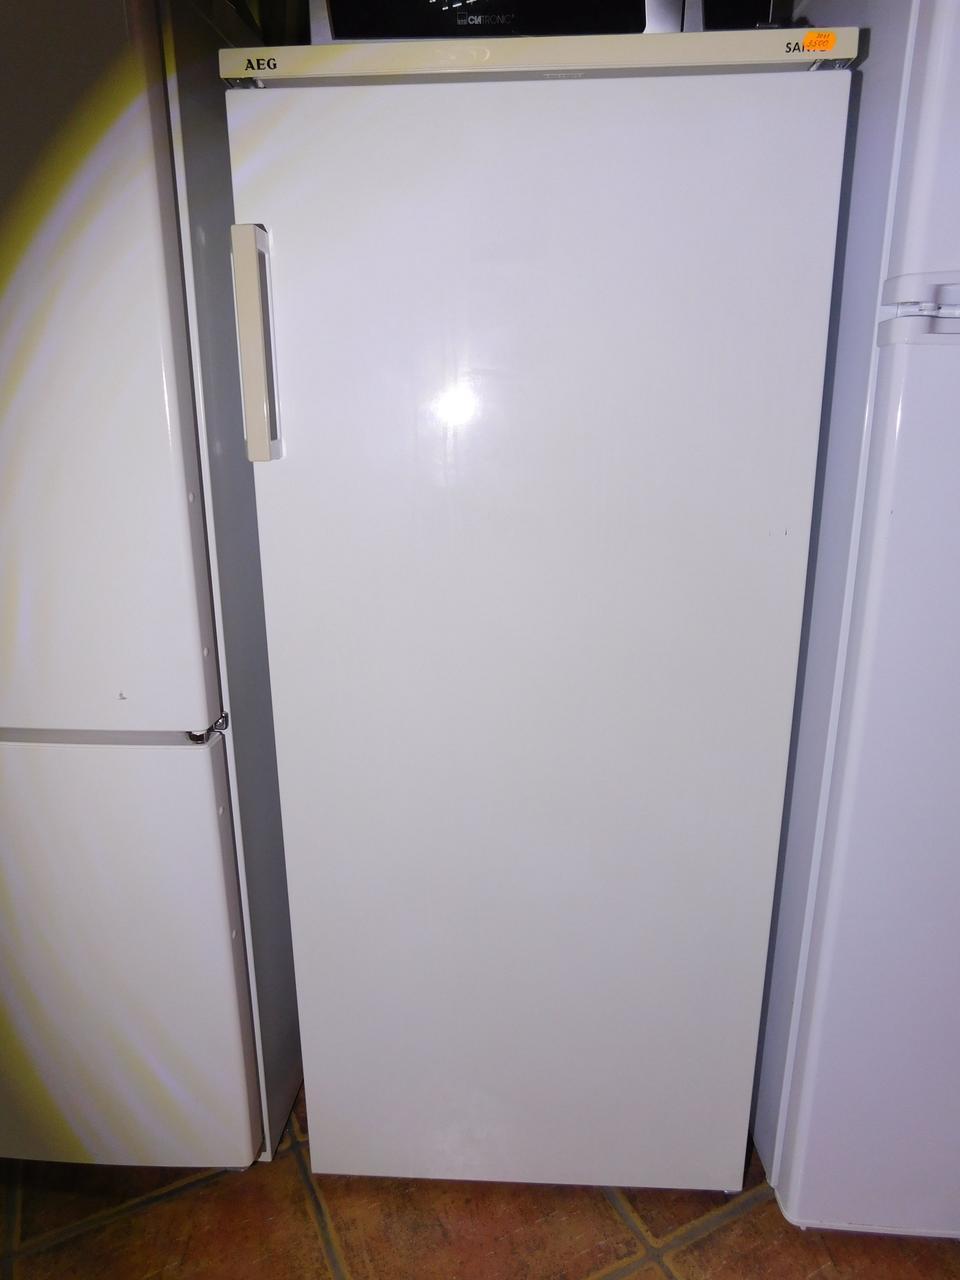 Холодильник AEG,однокамерний б\в з гарантією, Німеччина